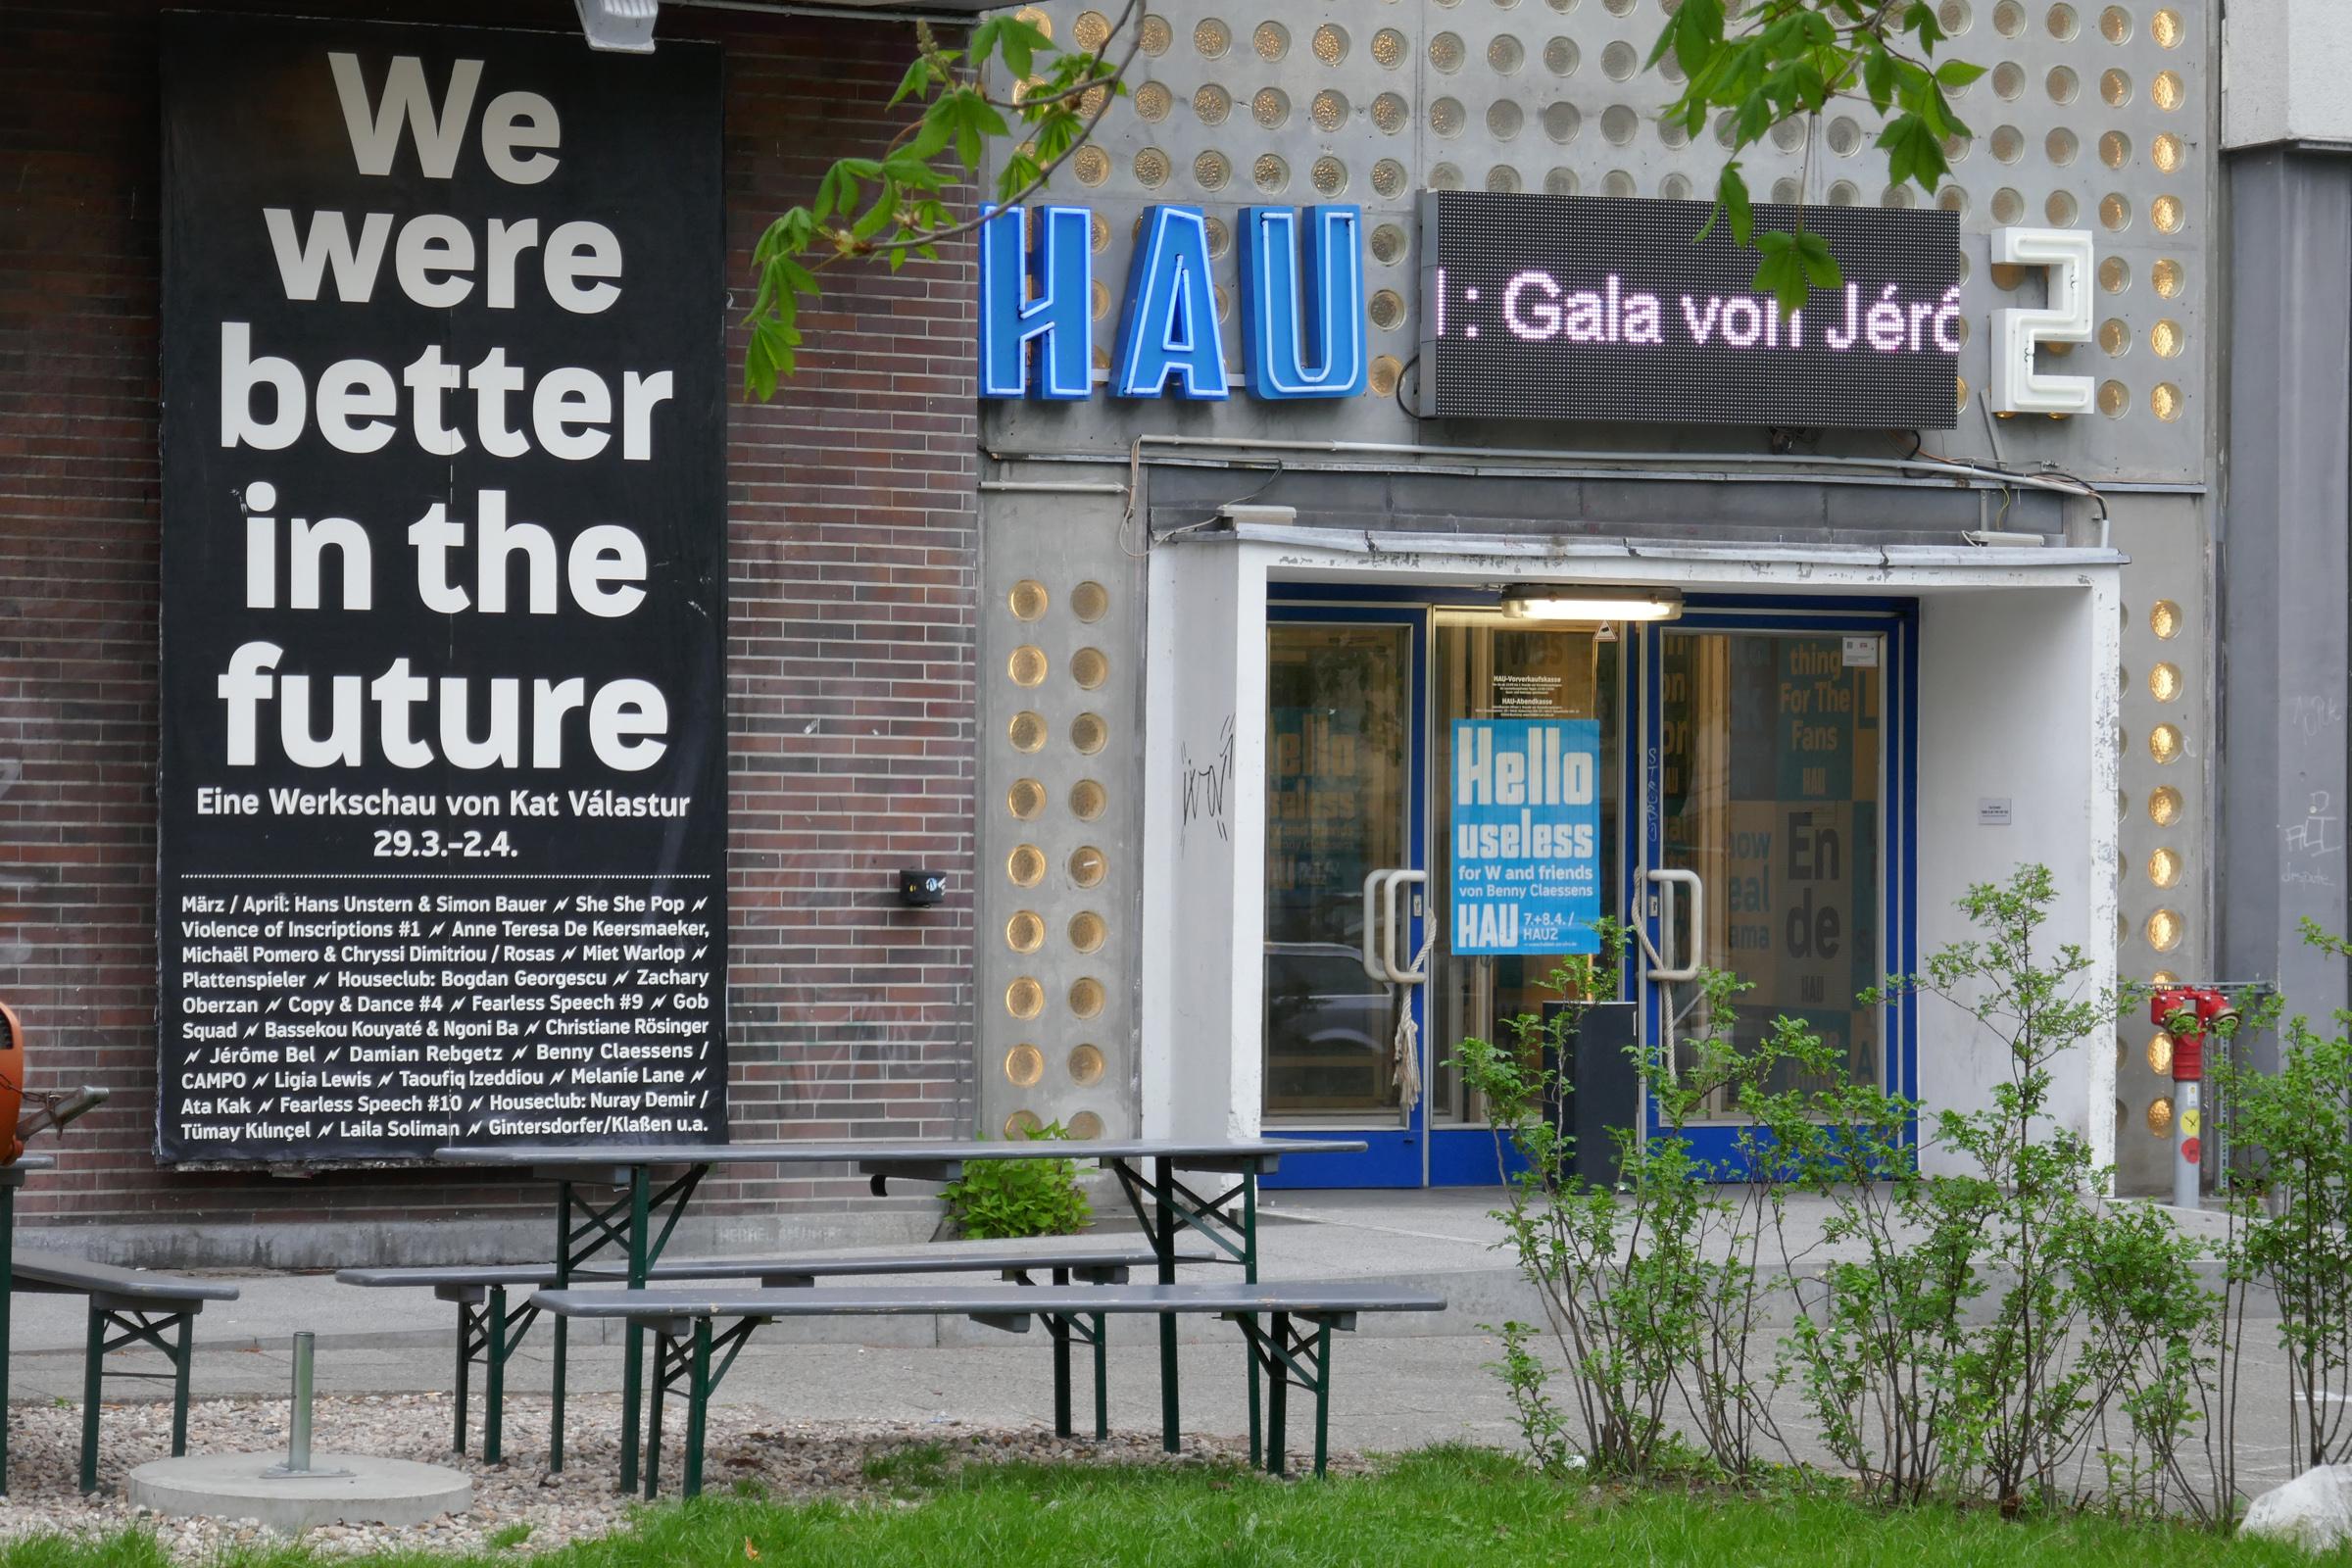 Eingang zum HAU 2. Foto: Ulrich Horb